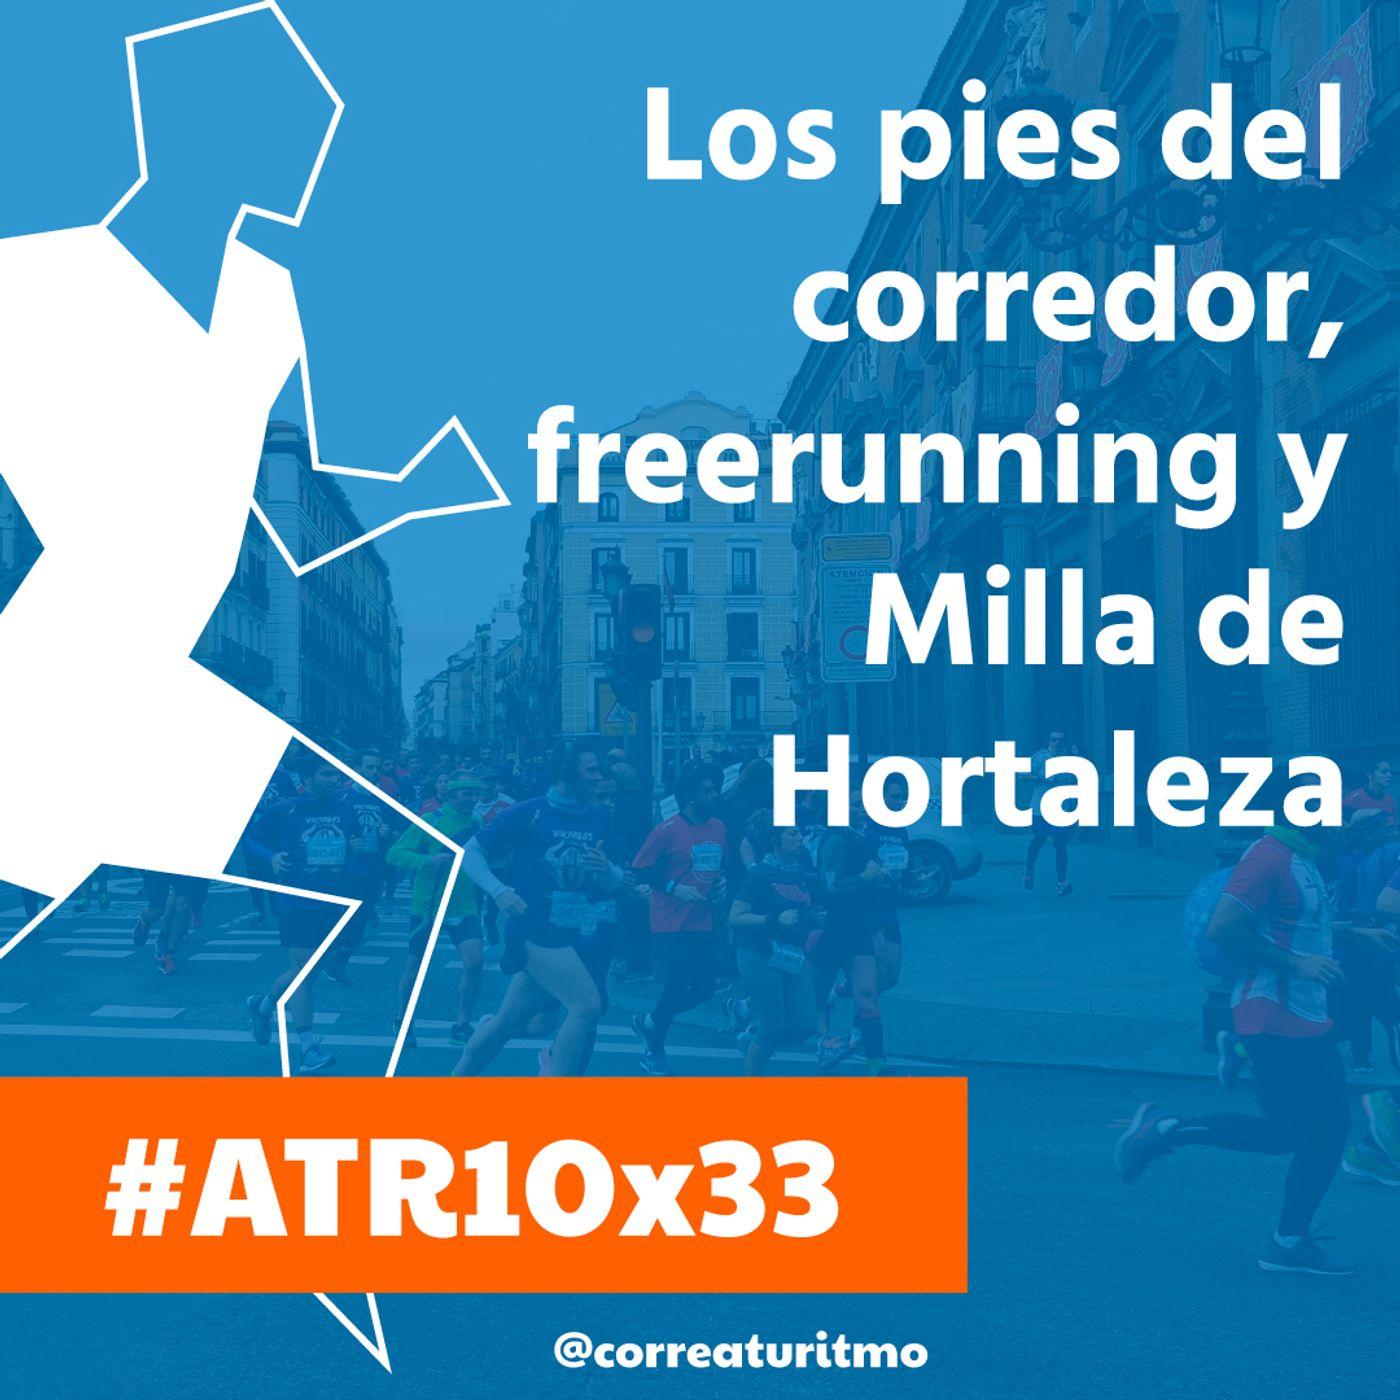 ATR 10x33 - Los pies del corredor, freerunning y Milla de Hortaleza